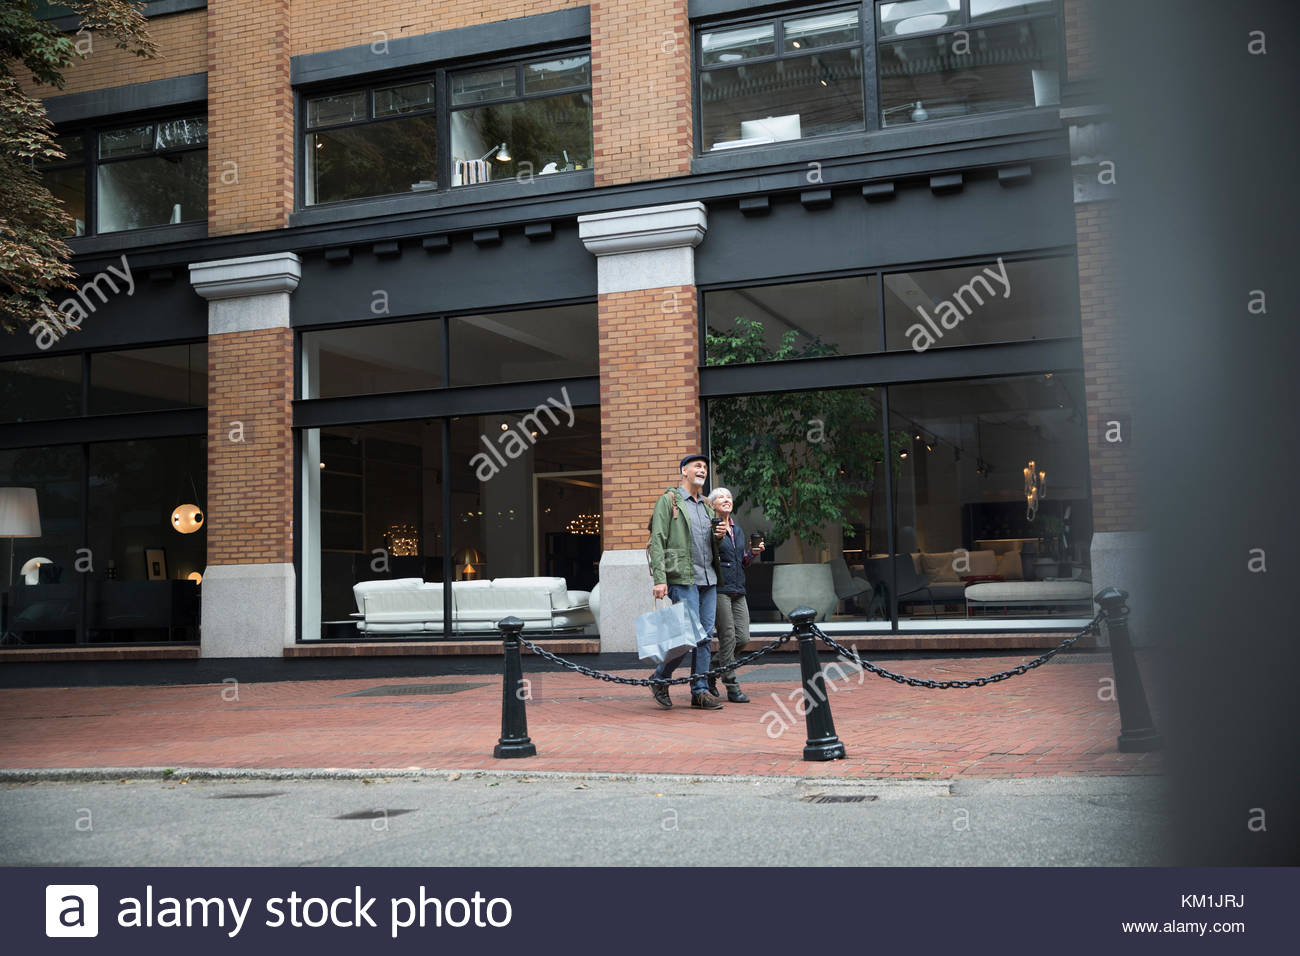 Senior couple walking on urban sidewalk past storefronts - Stock Image